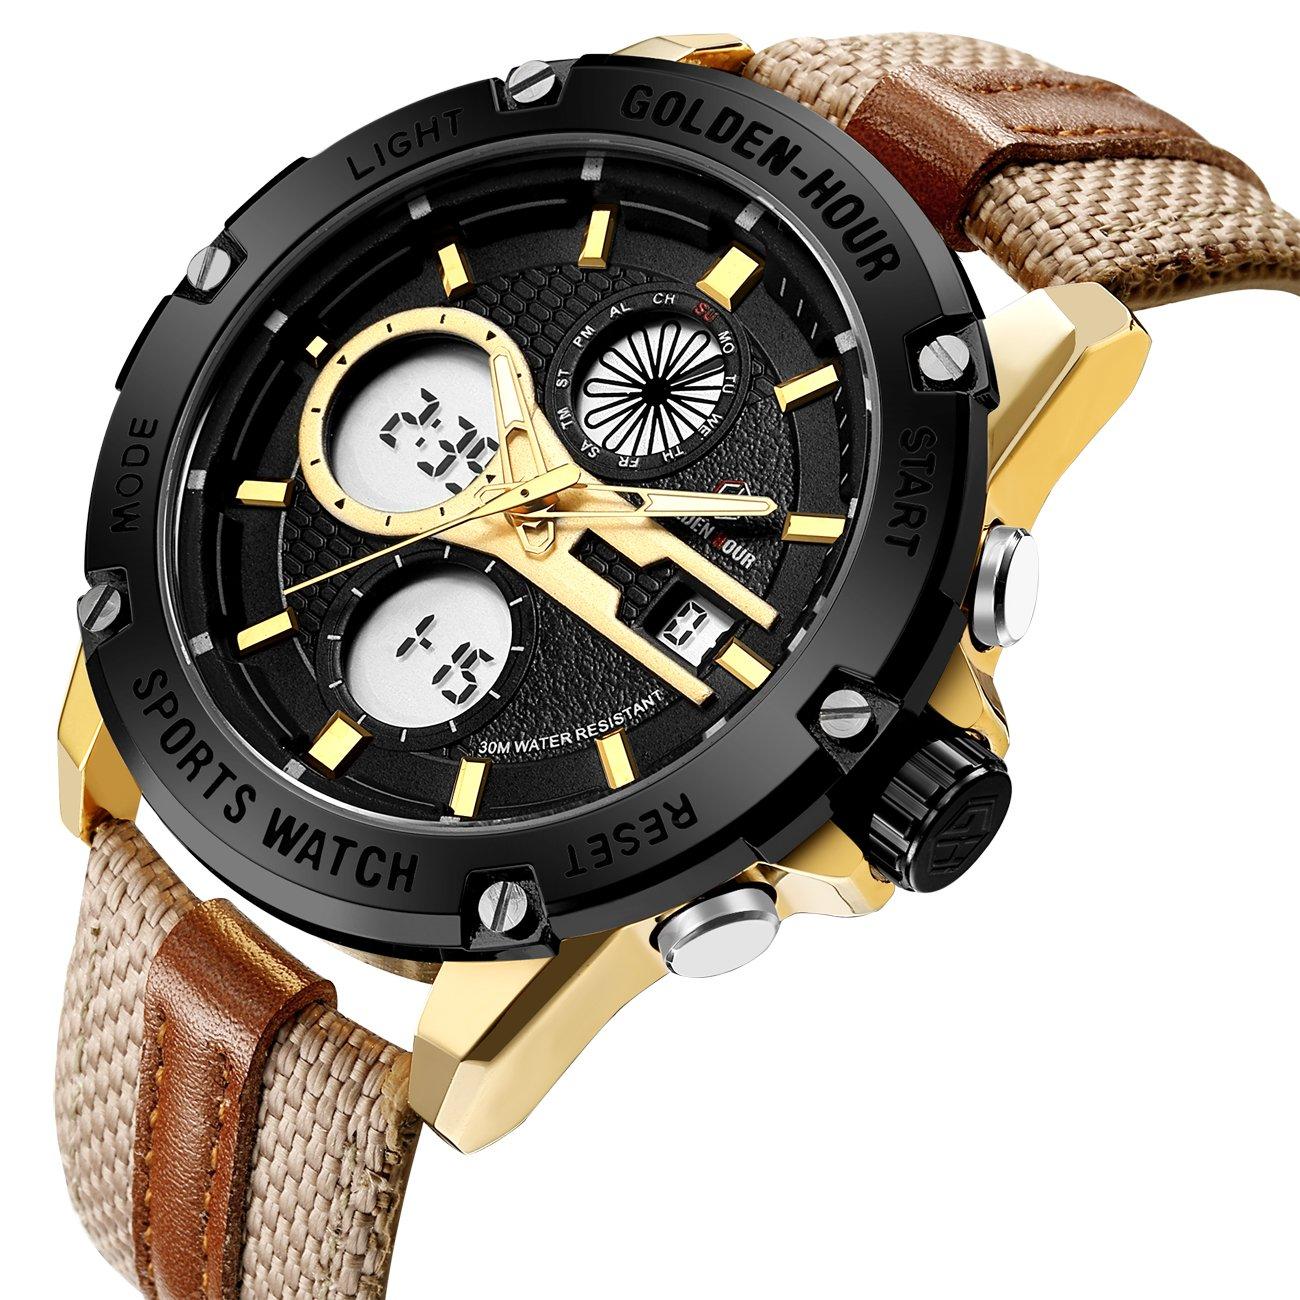 Relojes de Cuarzo Analš®gicos Digitales Deporte para Hombre para Hombres cronš®grafo Militar Reloj Impermeable (Gold-116): Amazon.es: Relojes